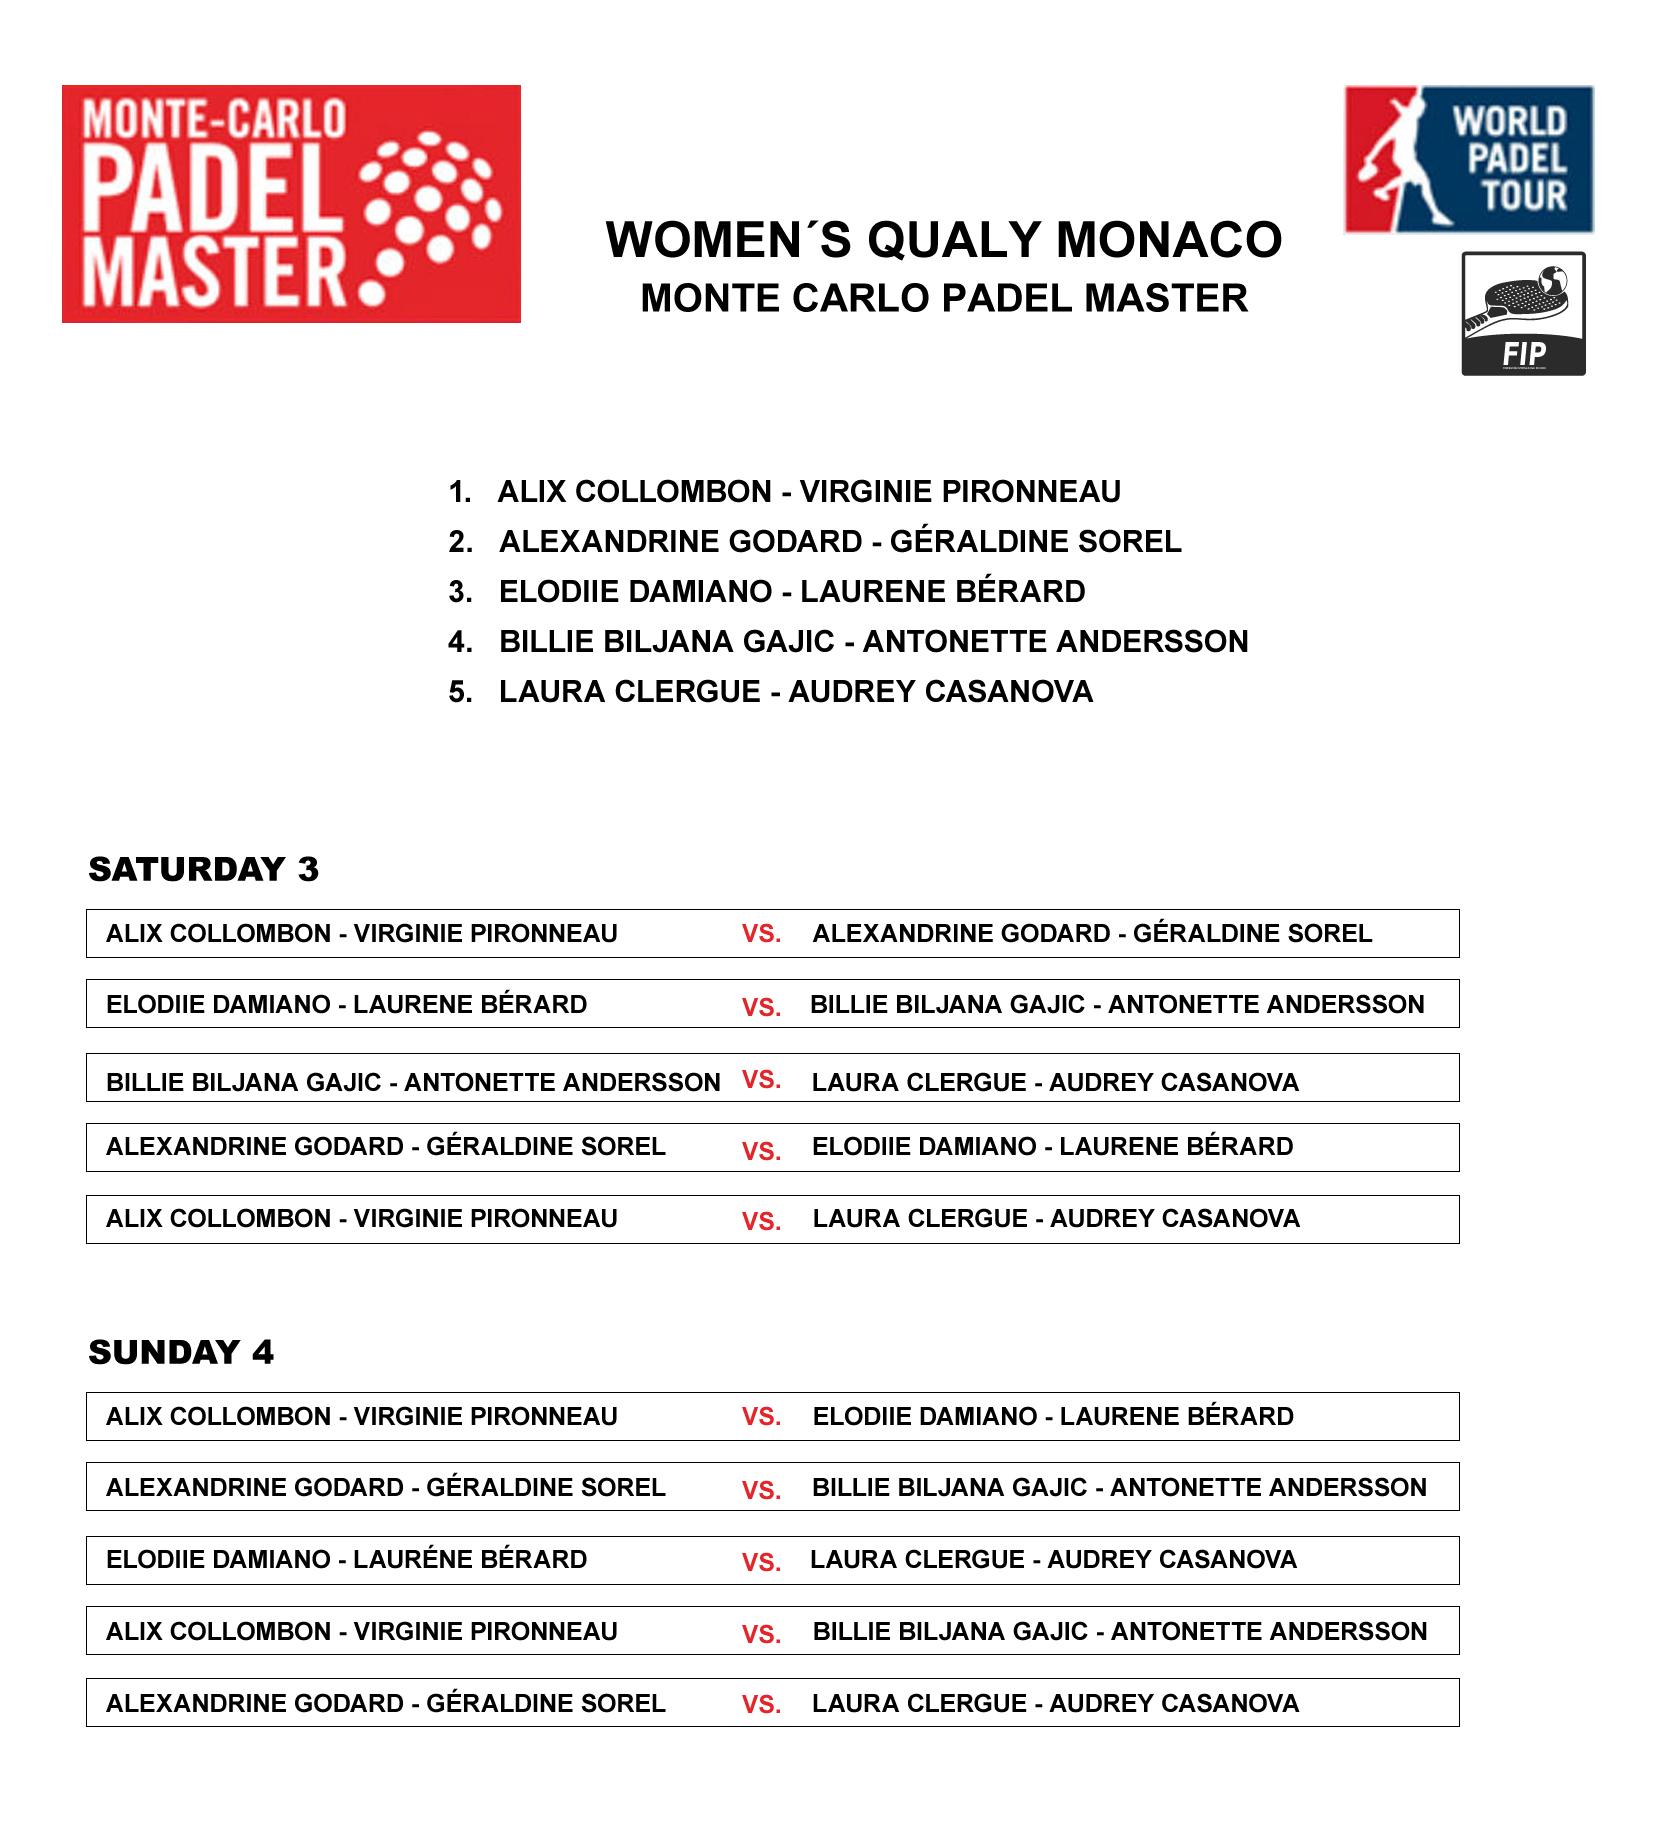 Monte Carlo Padel Master 2016 pre-gekwalificeerde vrouwen